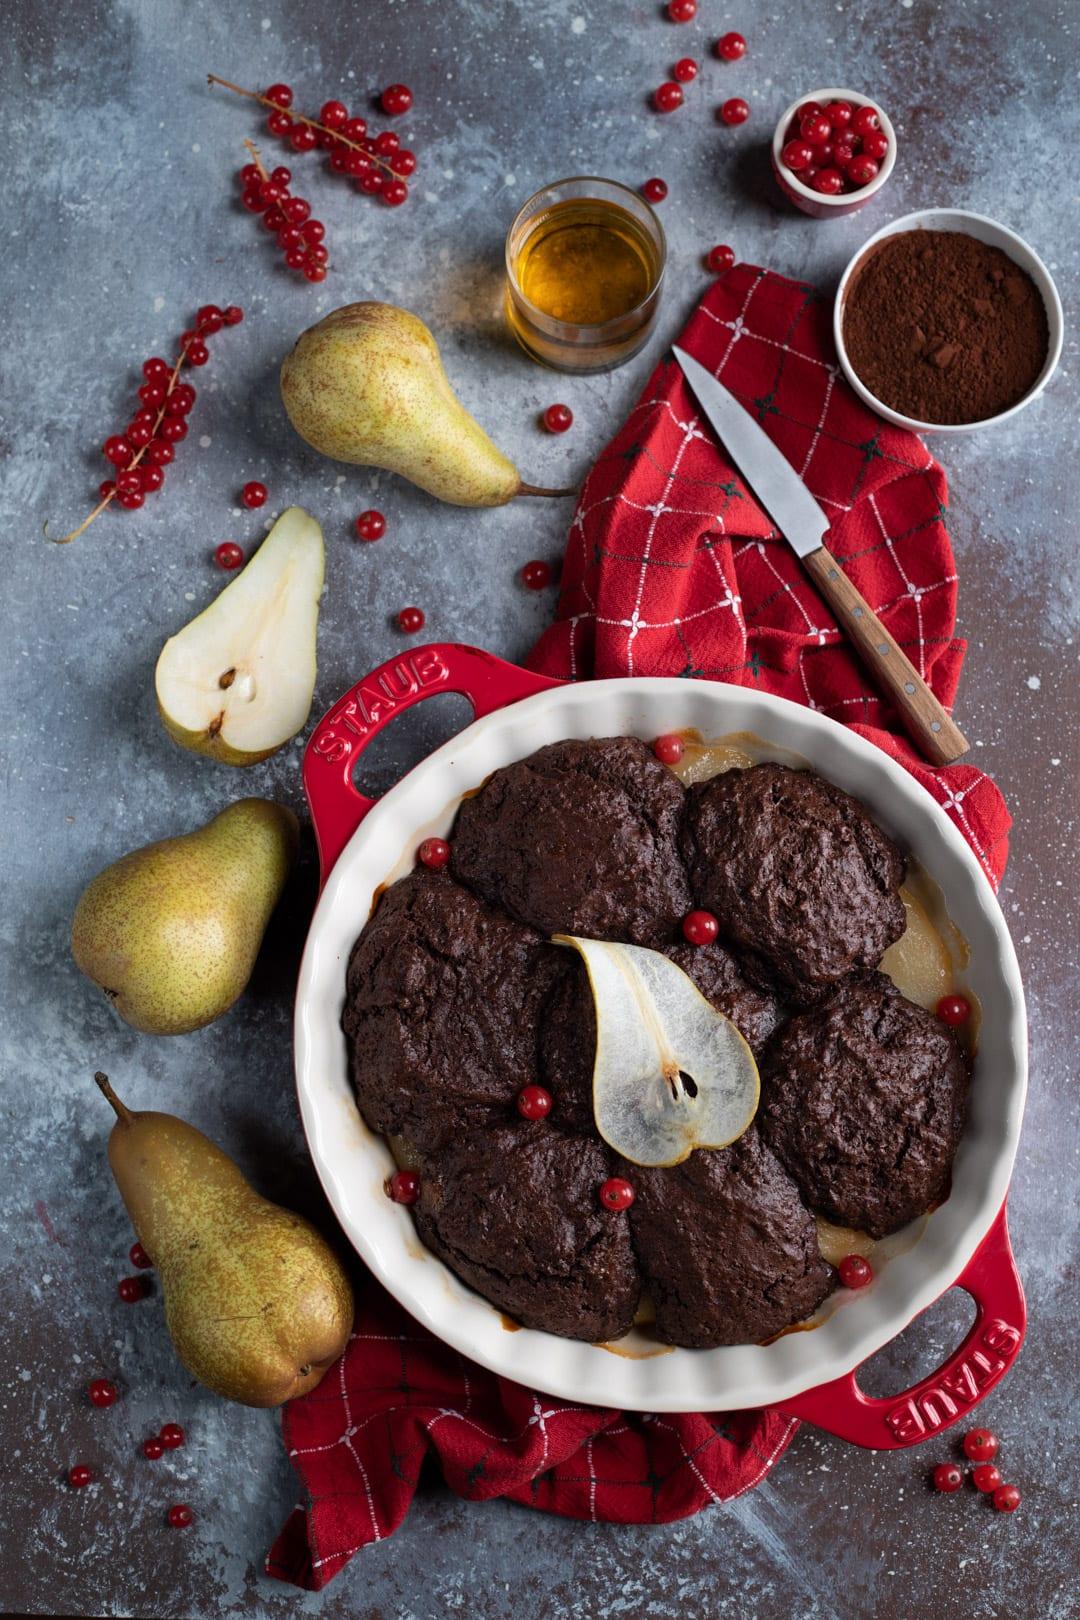 Cobbler cioccolato e pere al passito